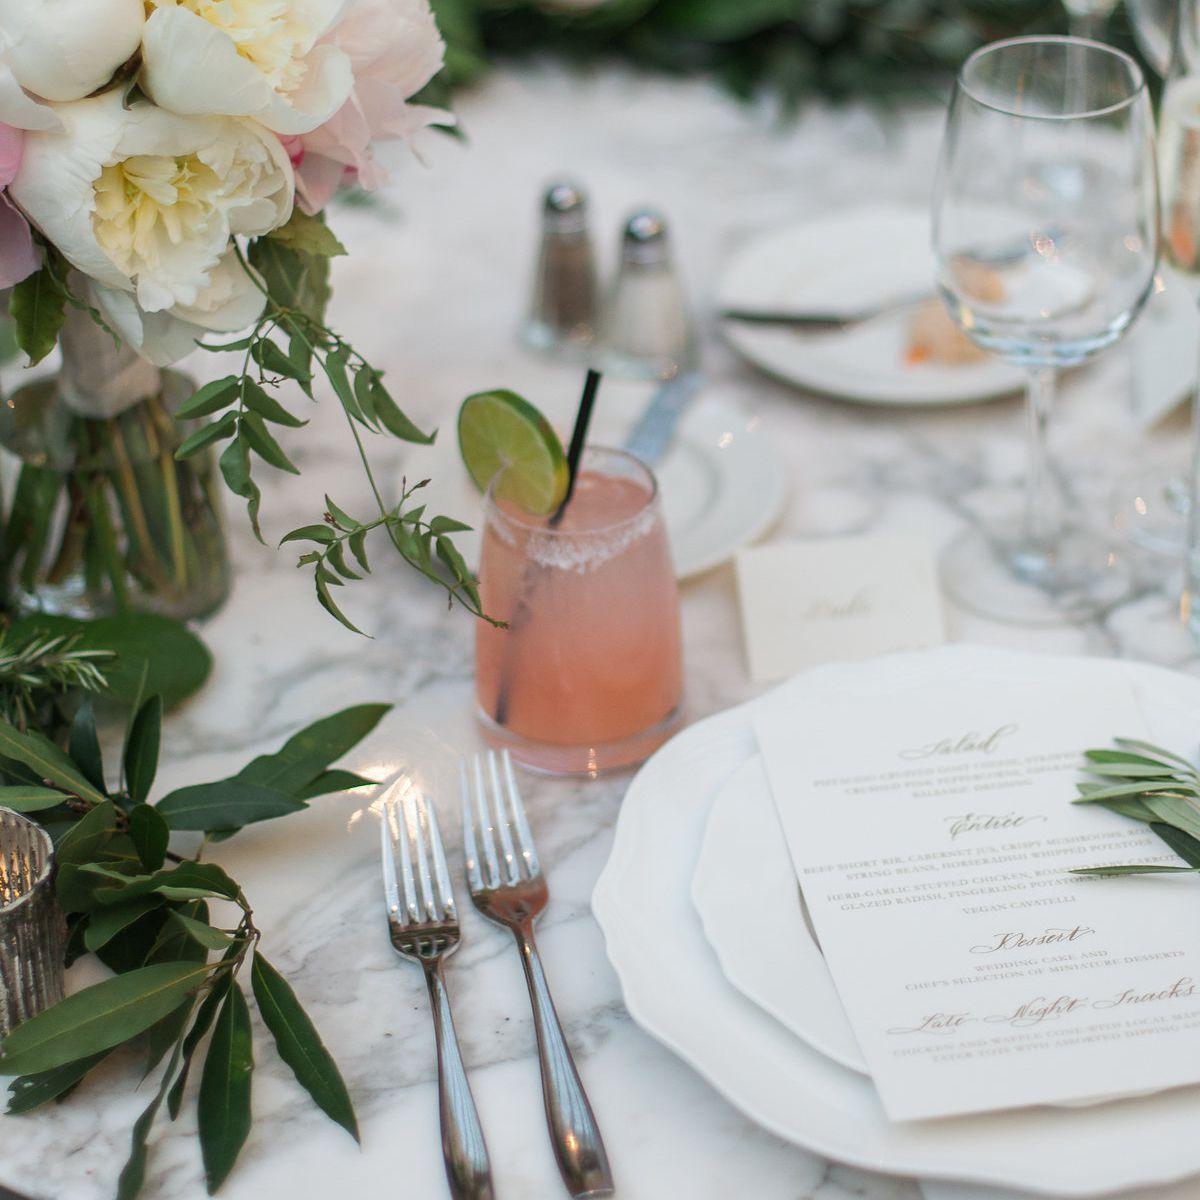 Real wedding table setting